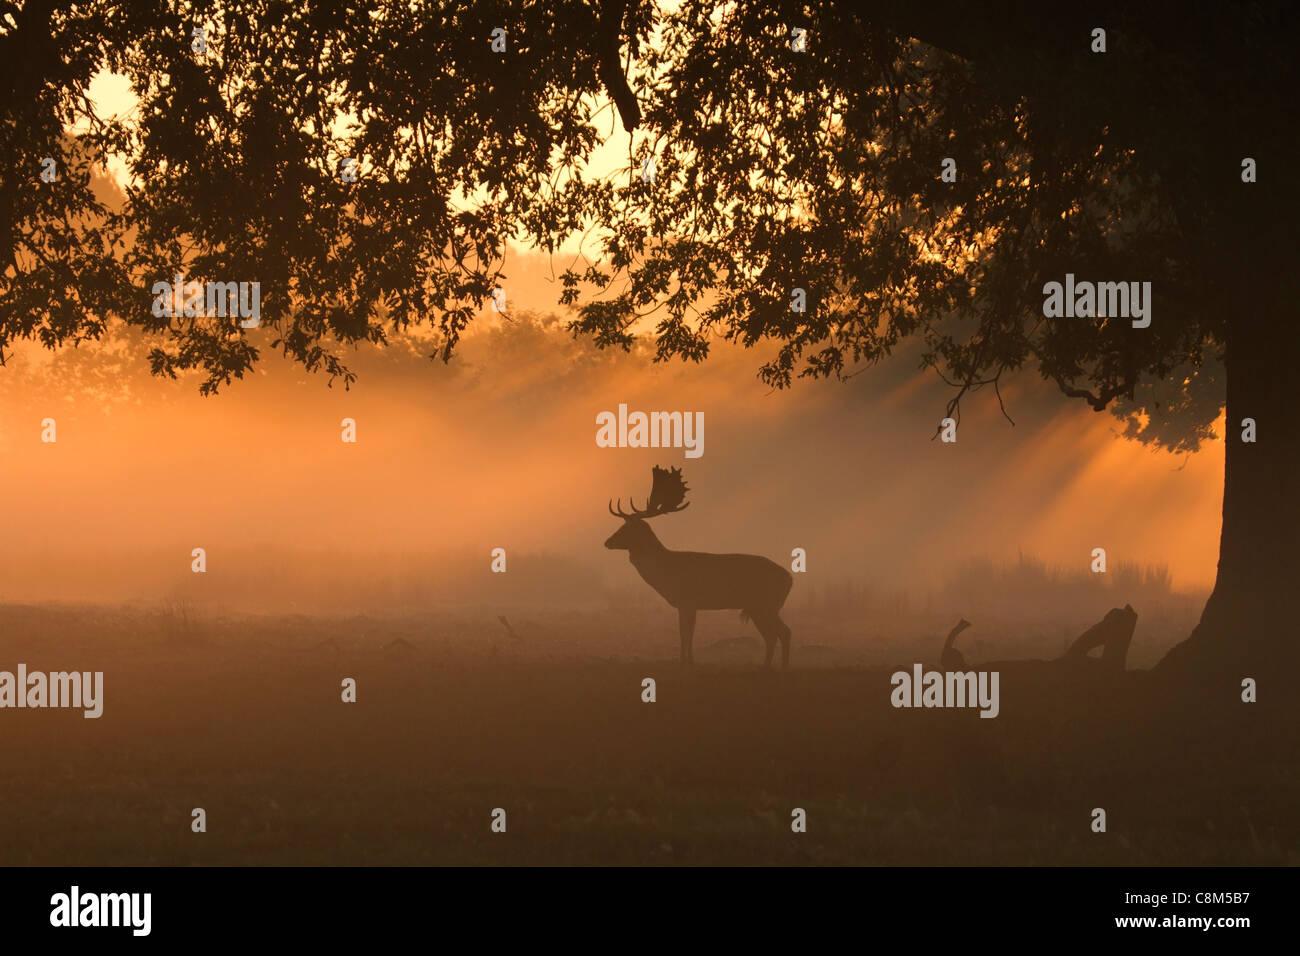 Le daim, Dama dama buck silhouette dans la lumière du matin Banque D'Images